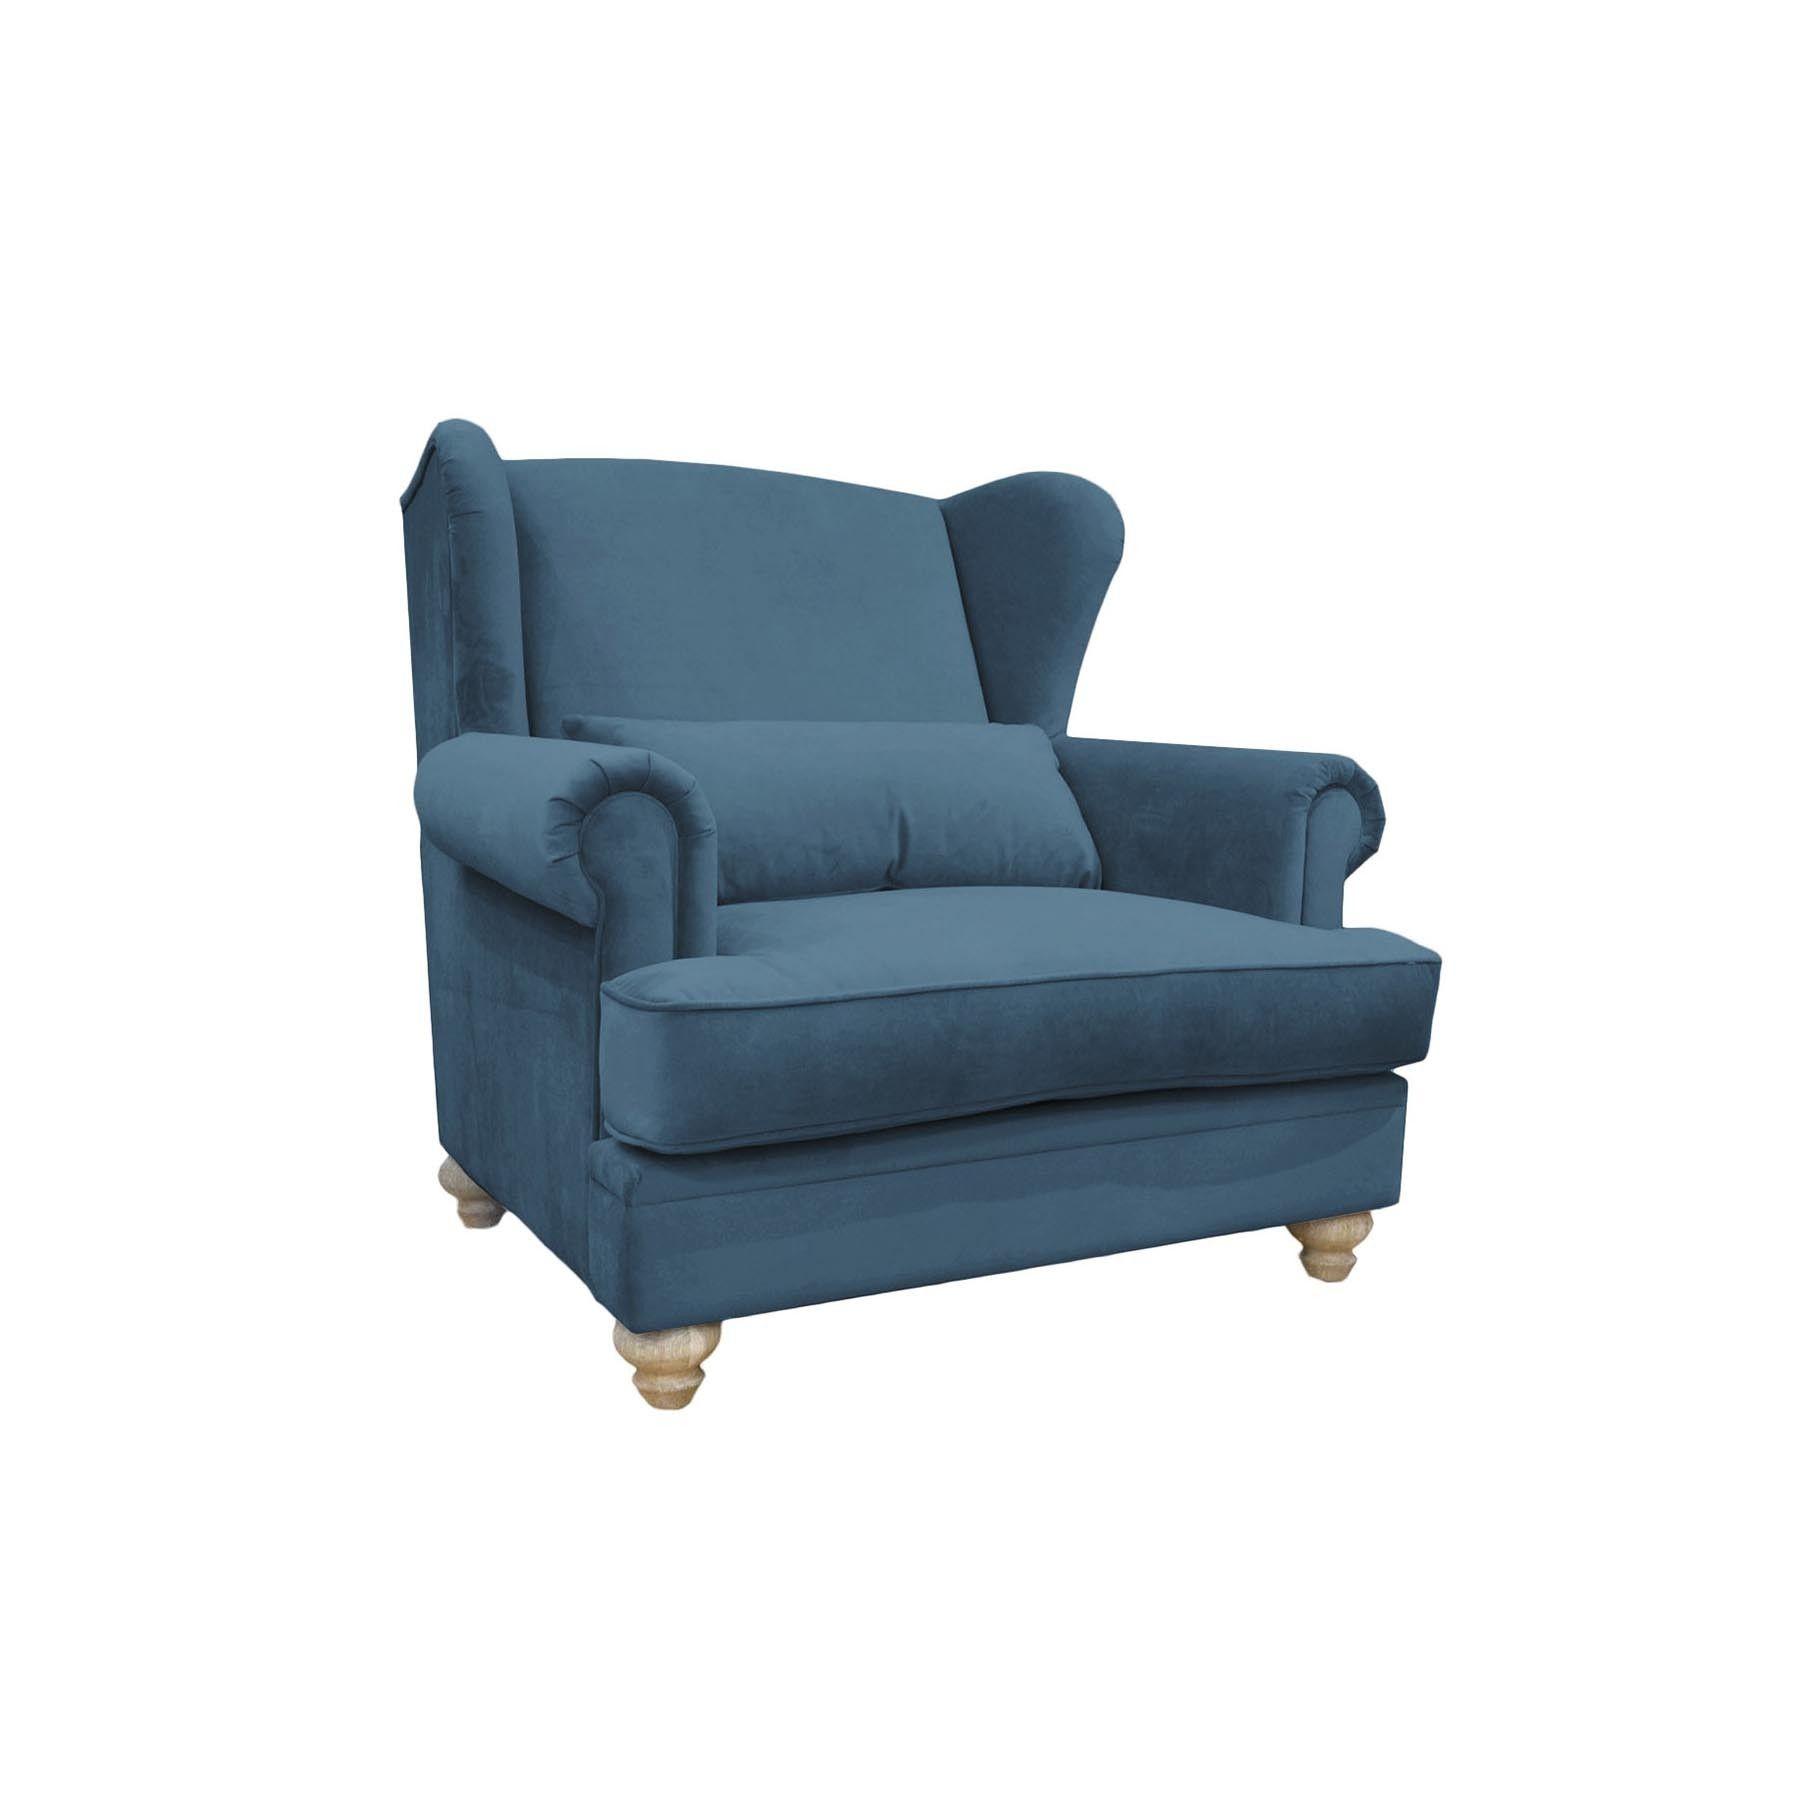 Chelsea 112cm Stylowy Fotel Uszak W Odcieniach Niebieskiego